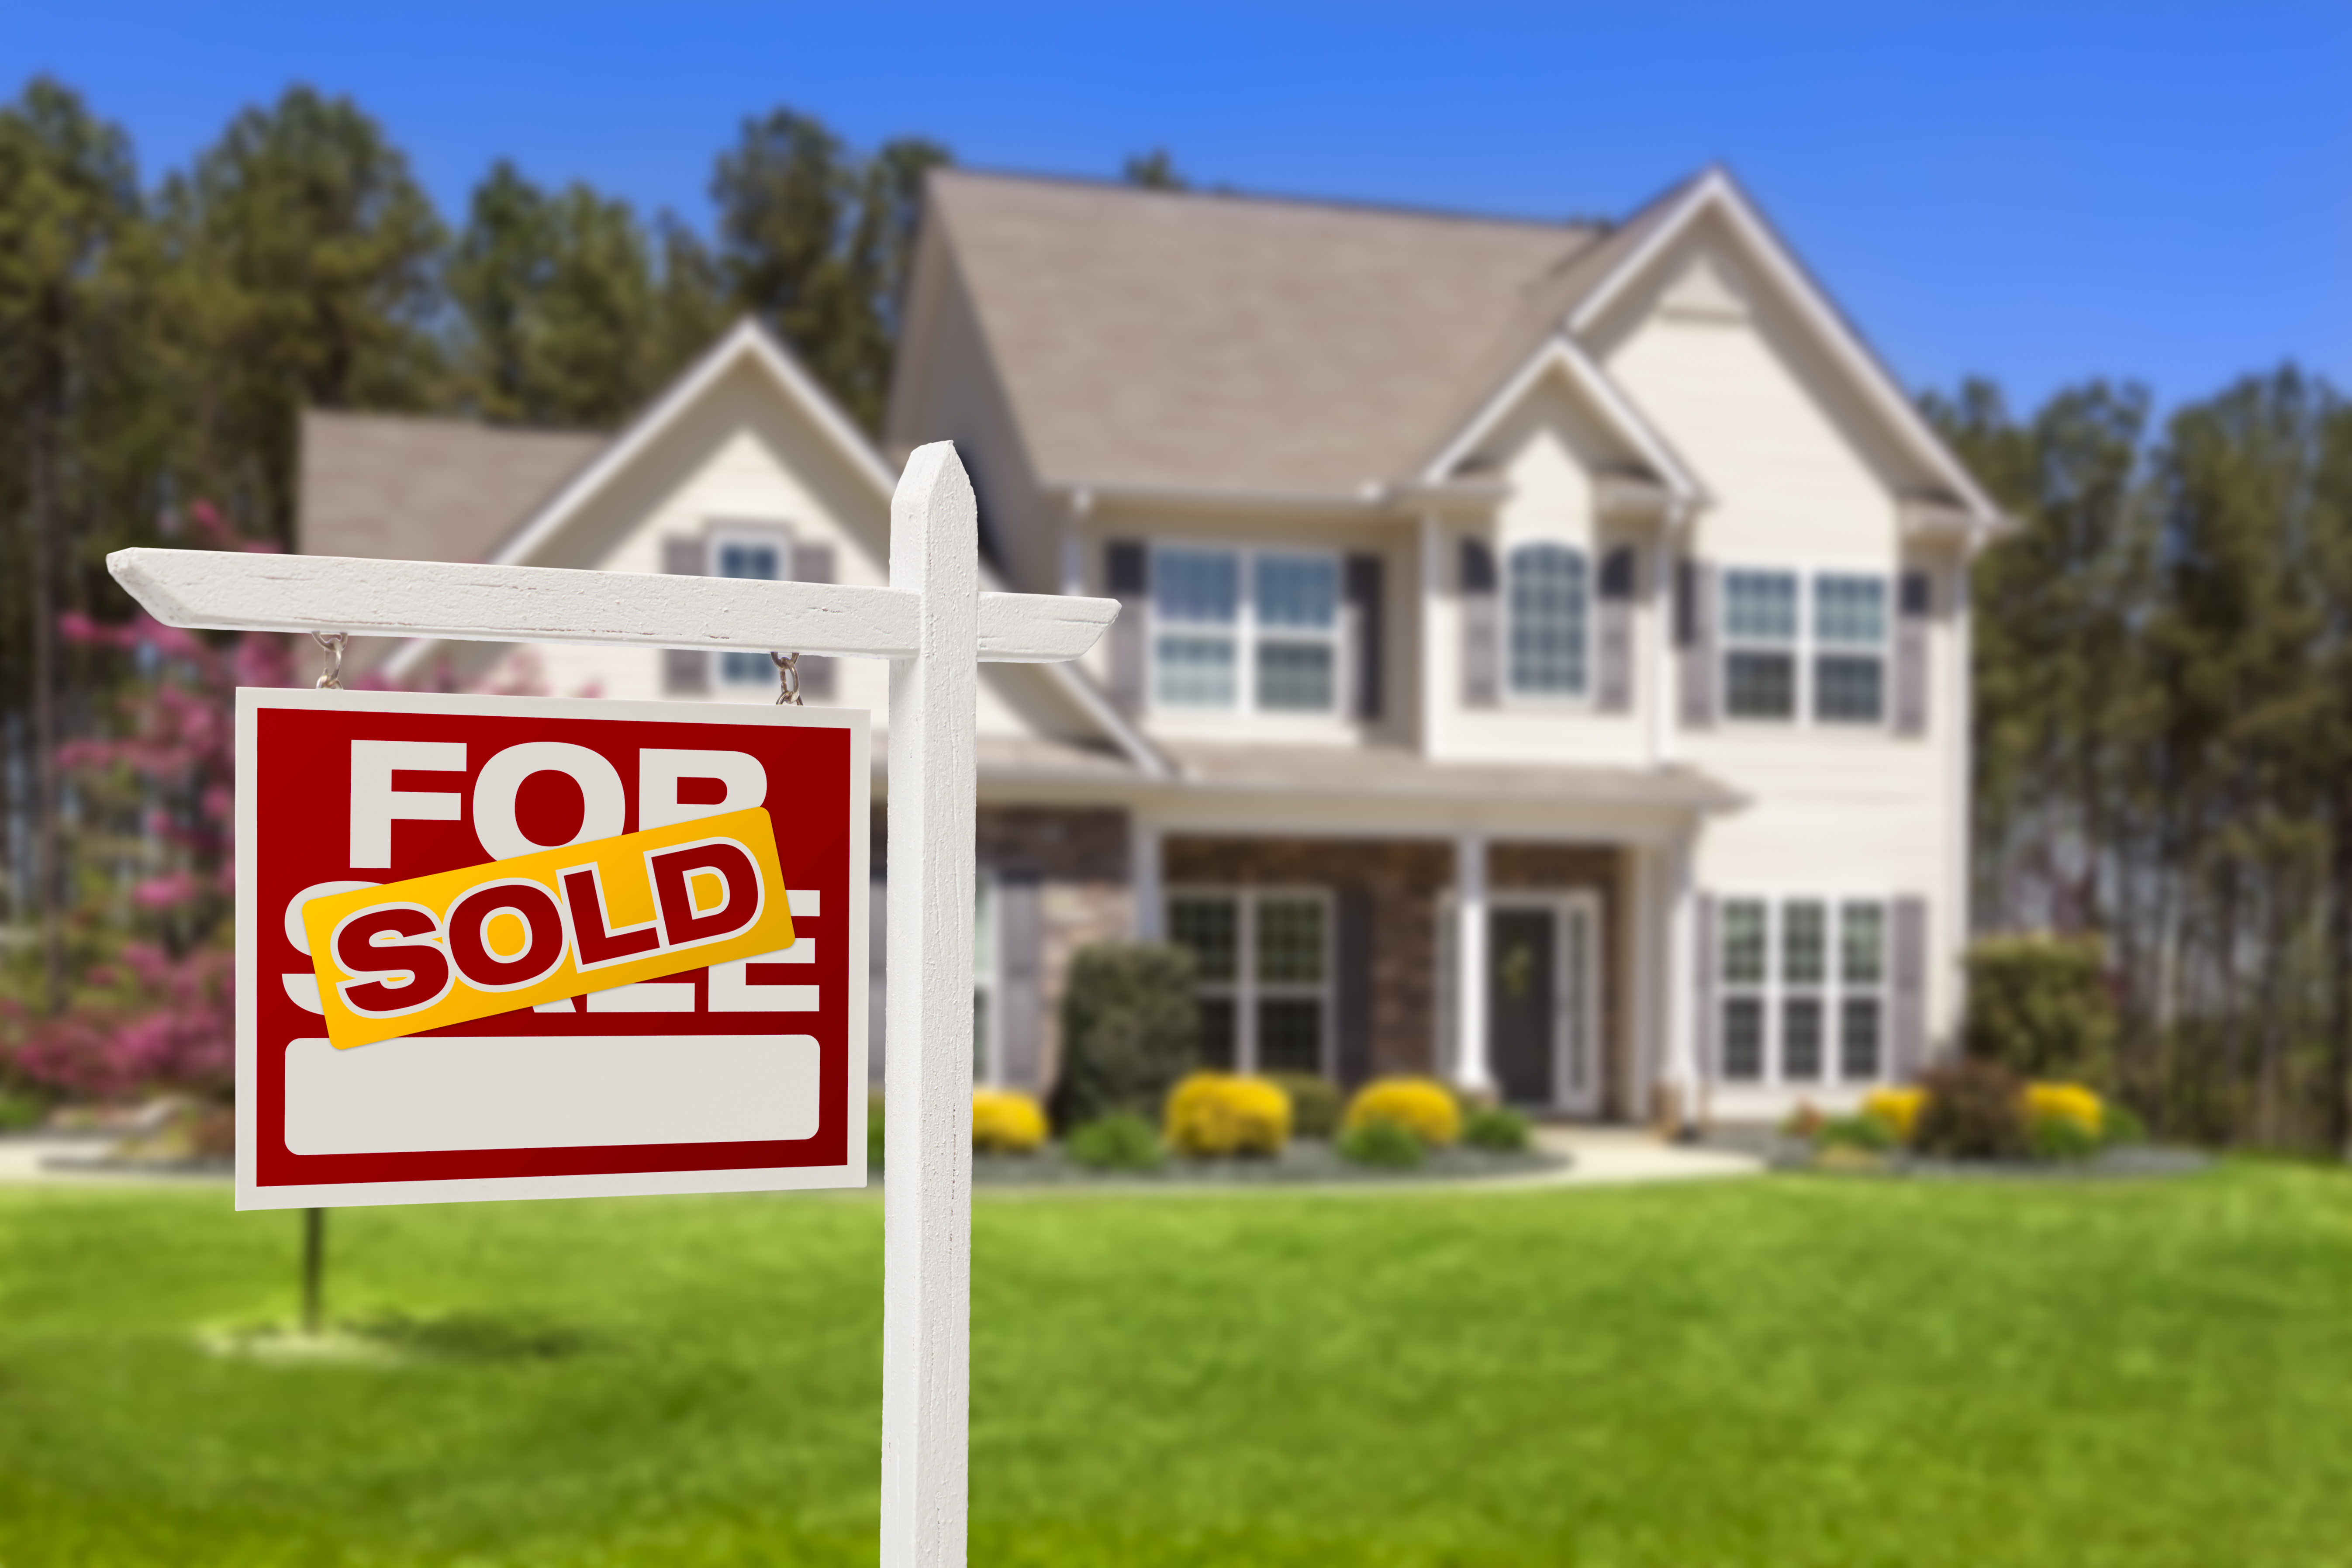 Homes For Sale in Bluffdale, Utah